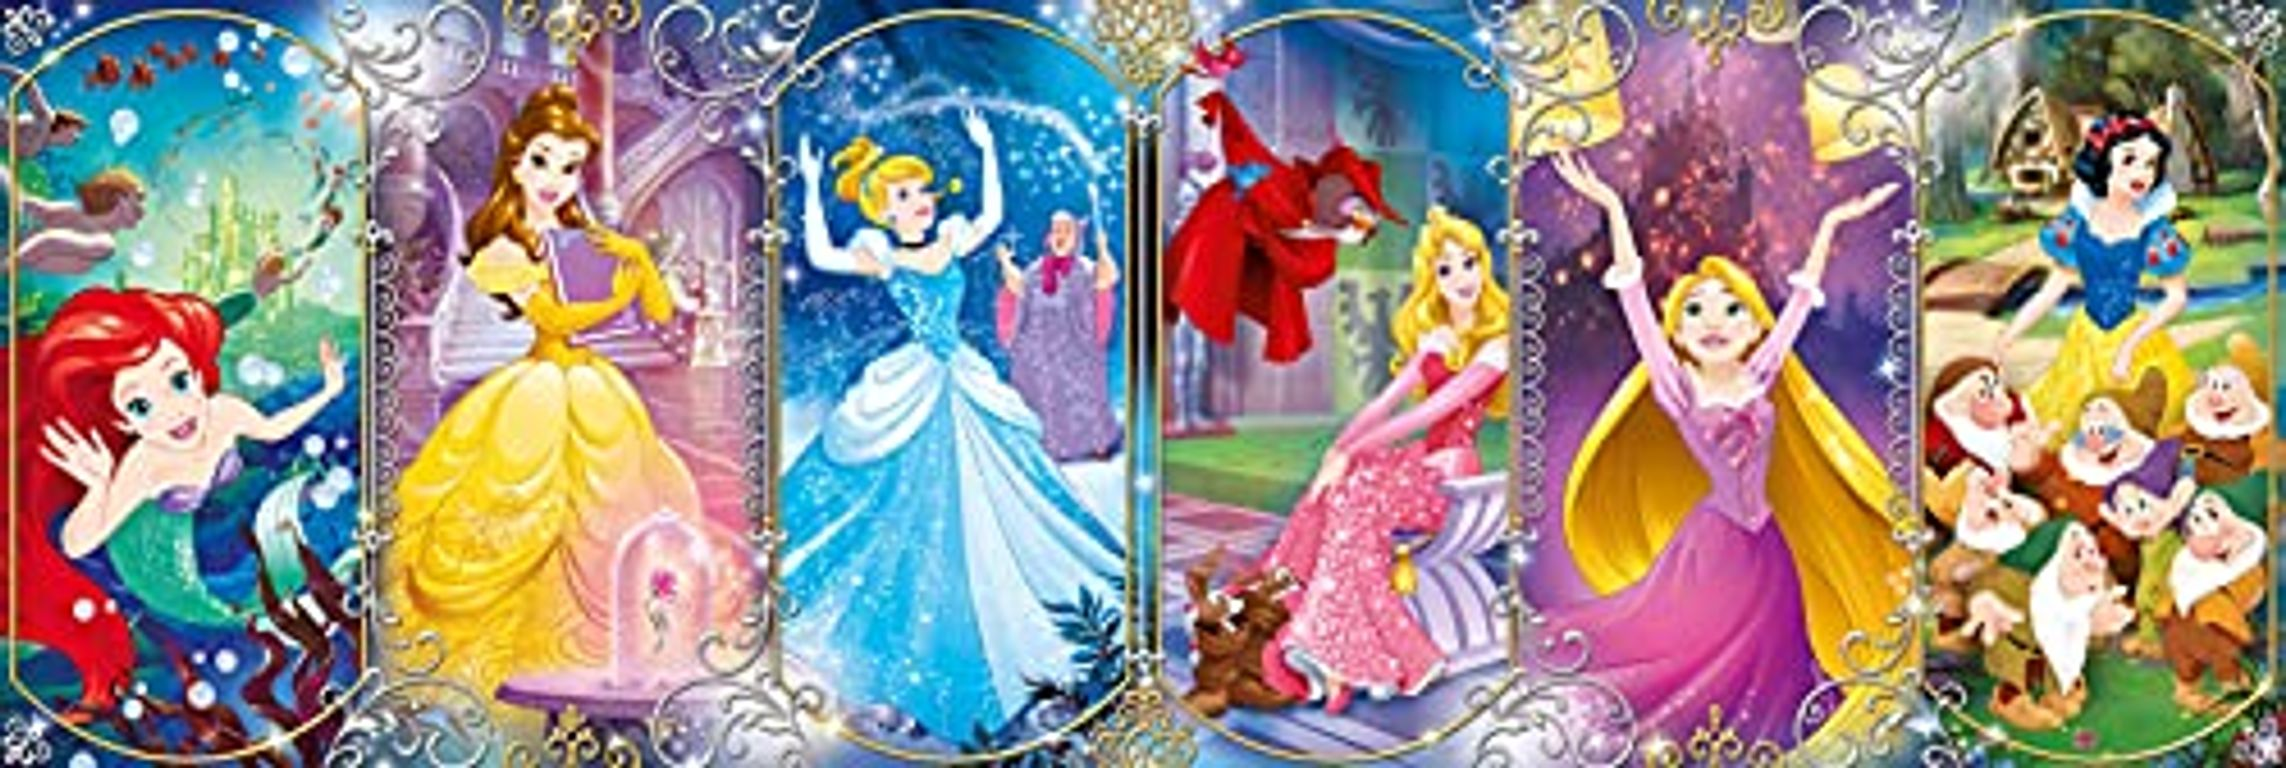 Disney Princess Panorama